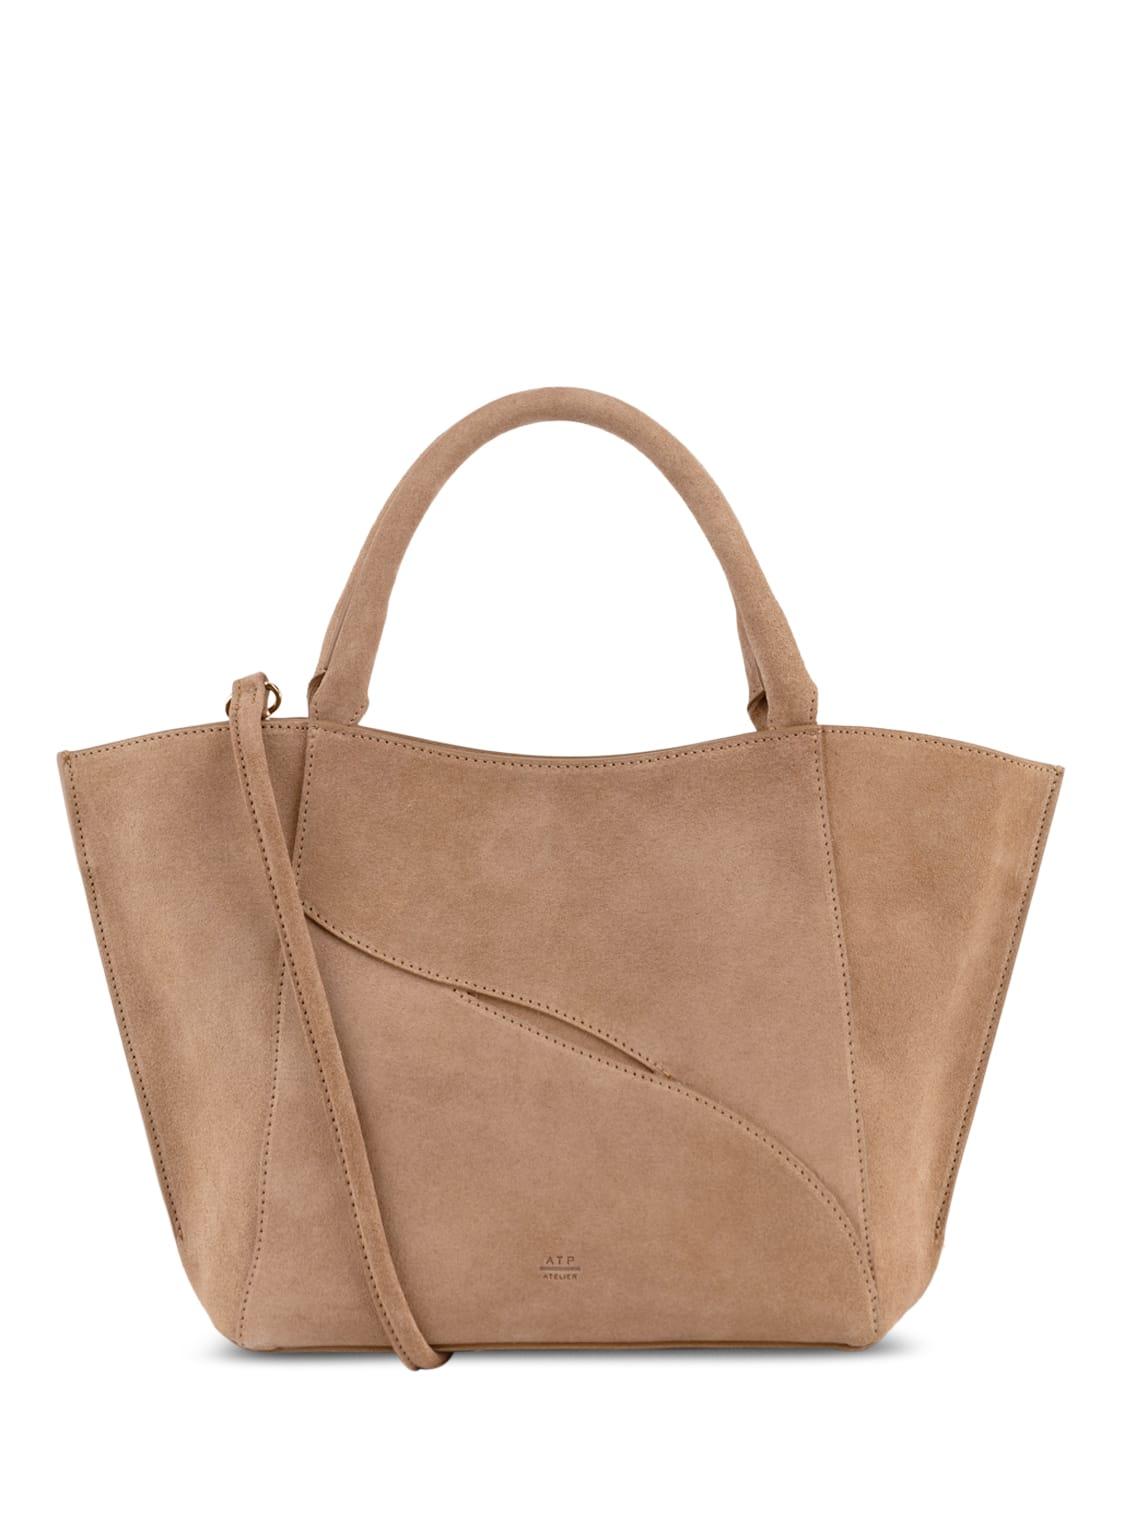 Image of Atp Atelier Handtasche Galatina beige